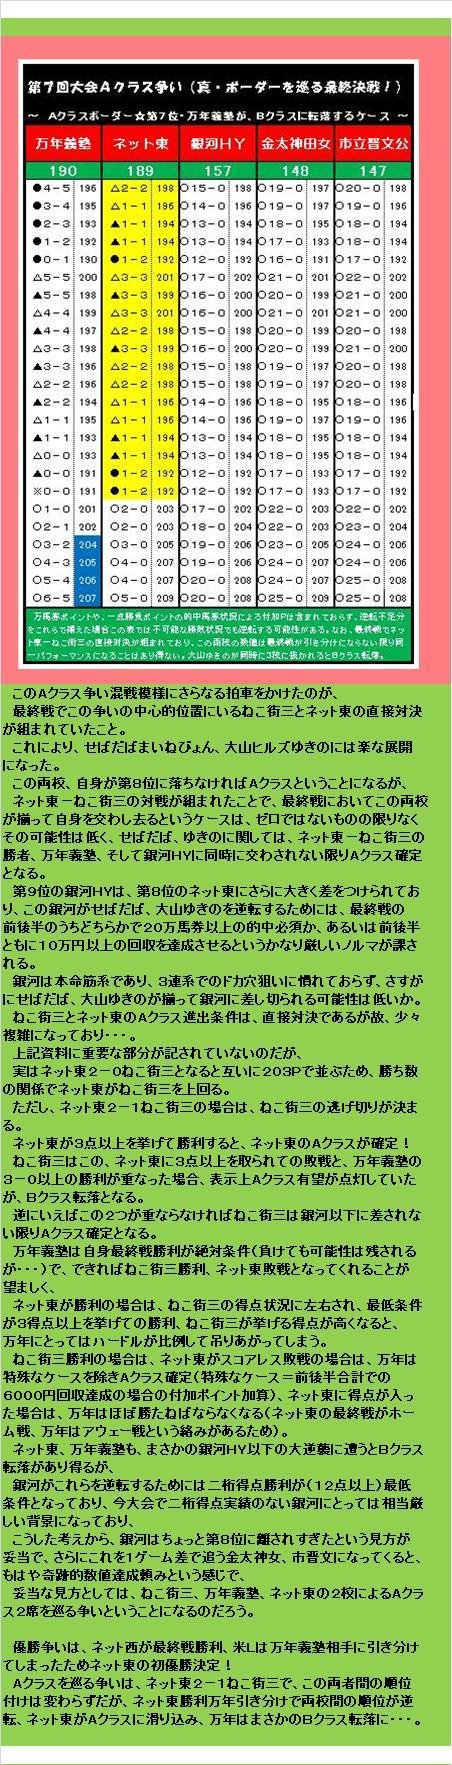 20160619・ダルマンリーグ第26節後半終了結果⑤G.jpg